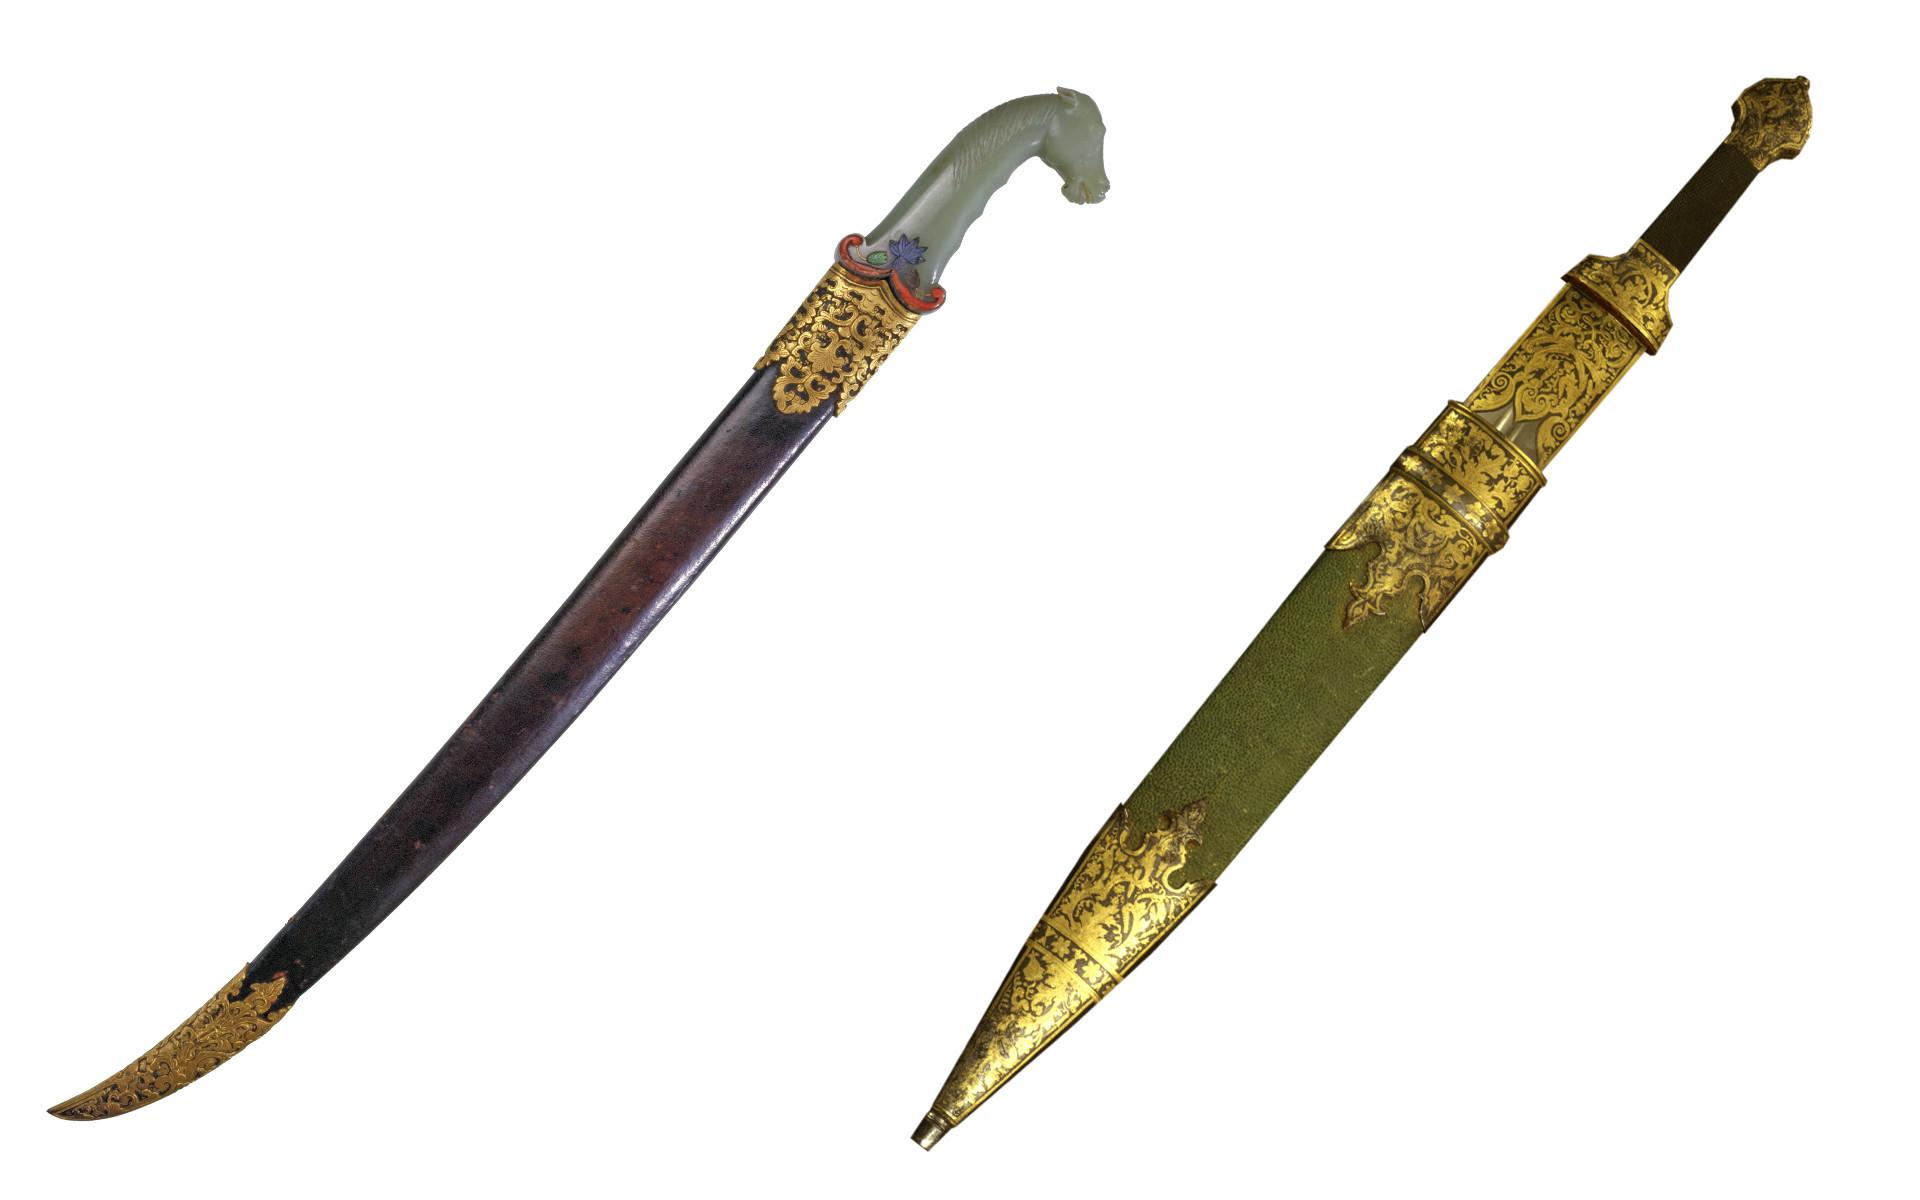 Вляво: Кама. Династи яЦин (1644.-1911.) Вдясно: Кама. Златоуст. Краят на XIX в. Държавен исторически музей, Москва.